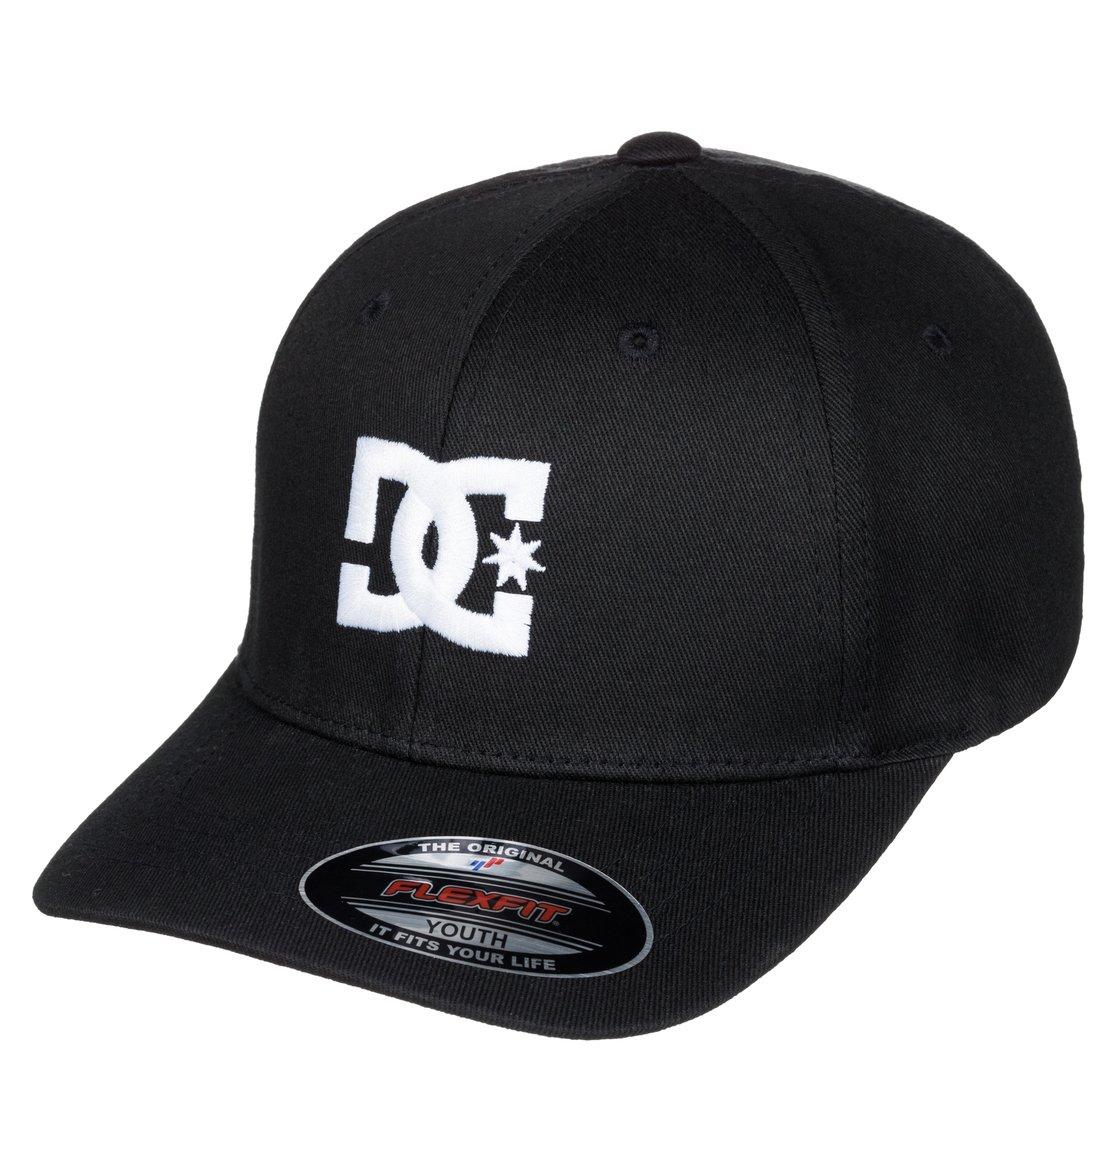 0 Cap Star 2 - Cappellino flexfit ADBHA03026 DC Shoes 3fe6bda92375